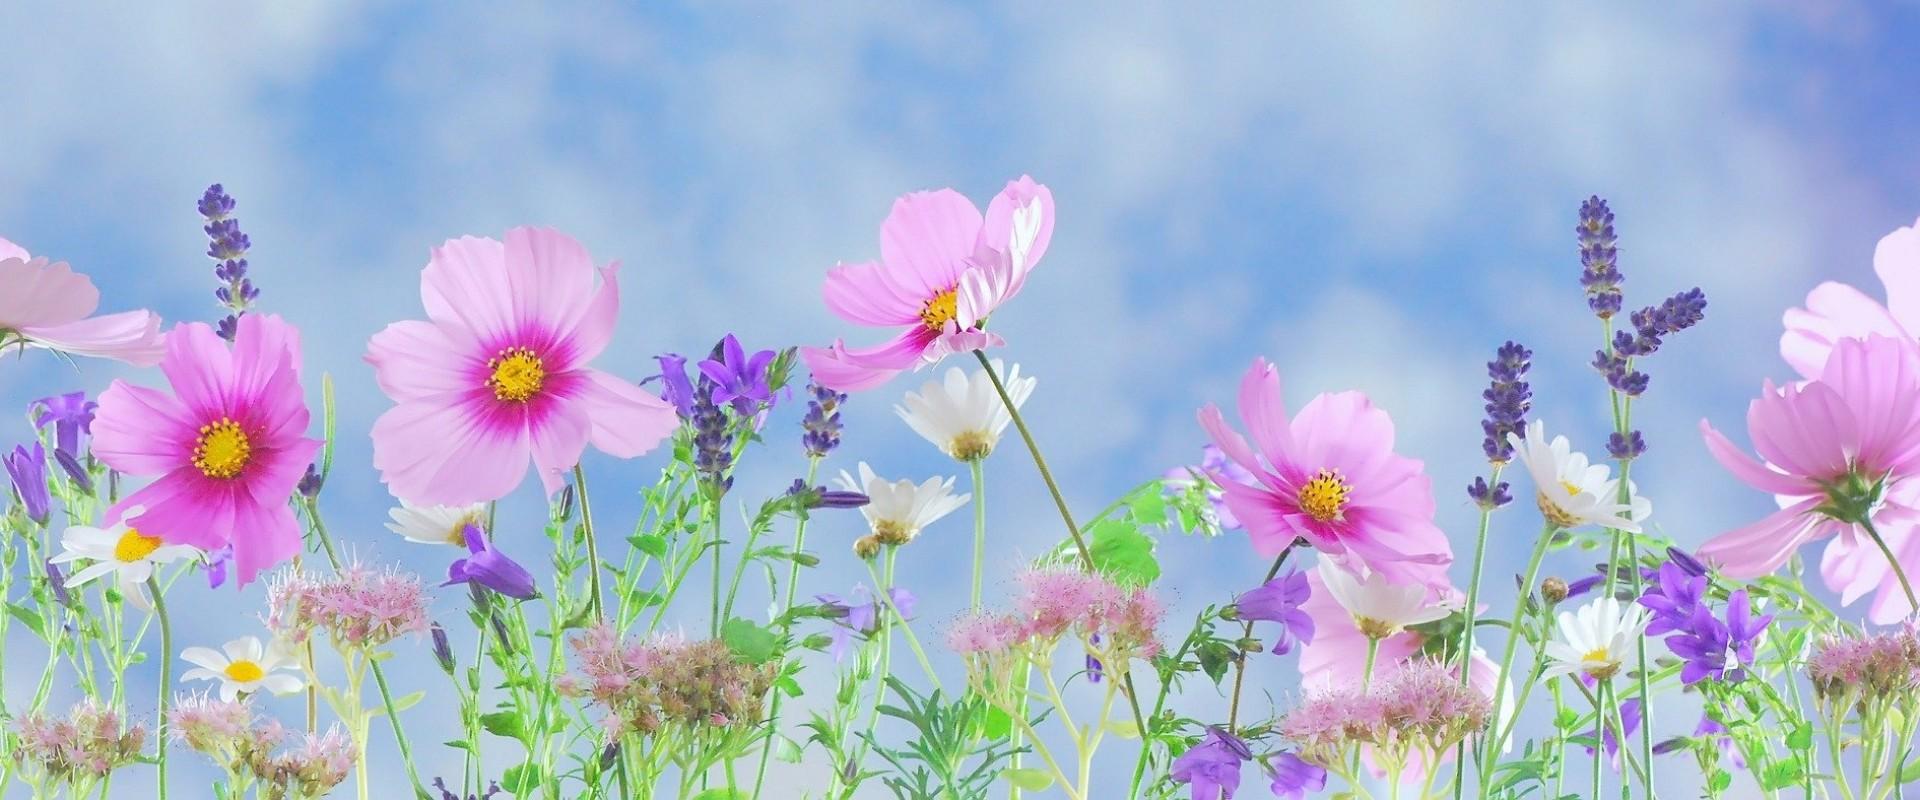 Het geheime leven van planten- De magie van genezing